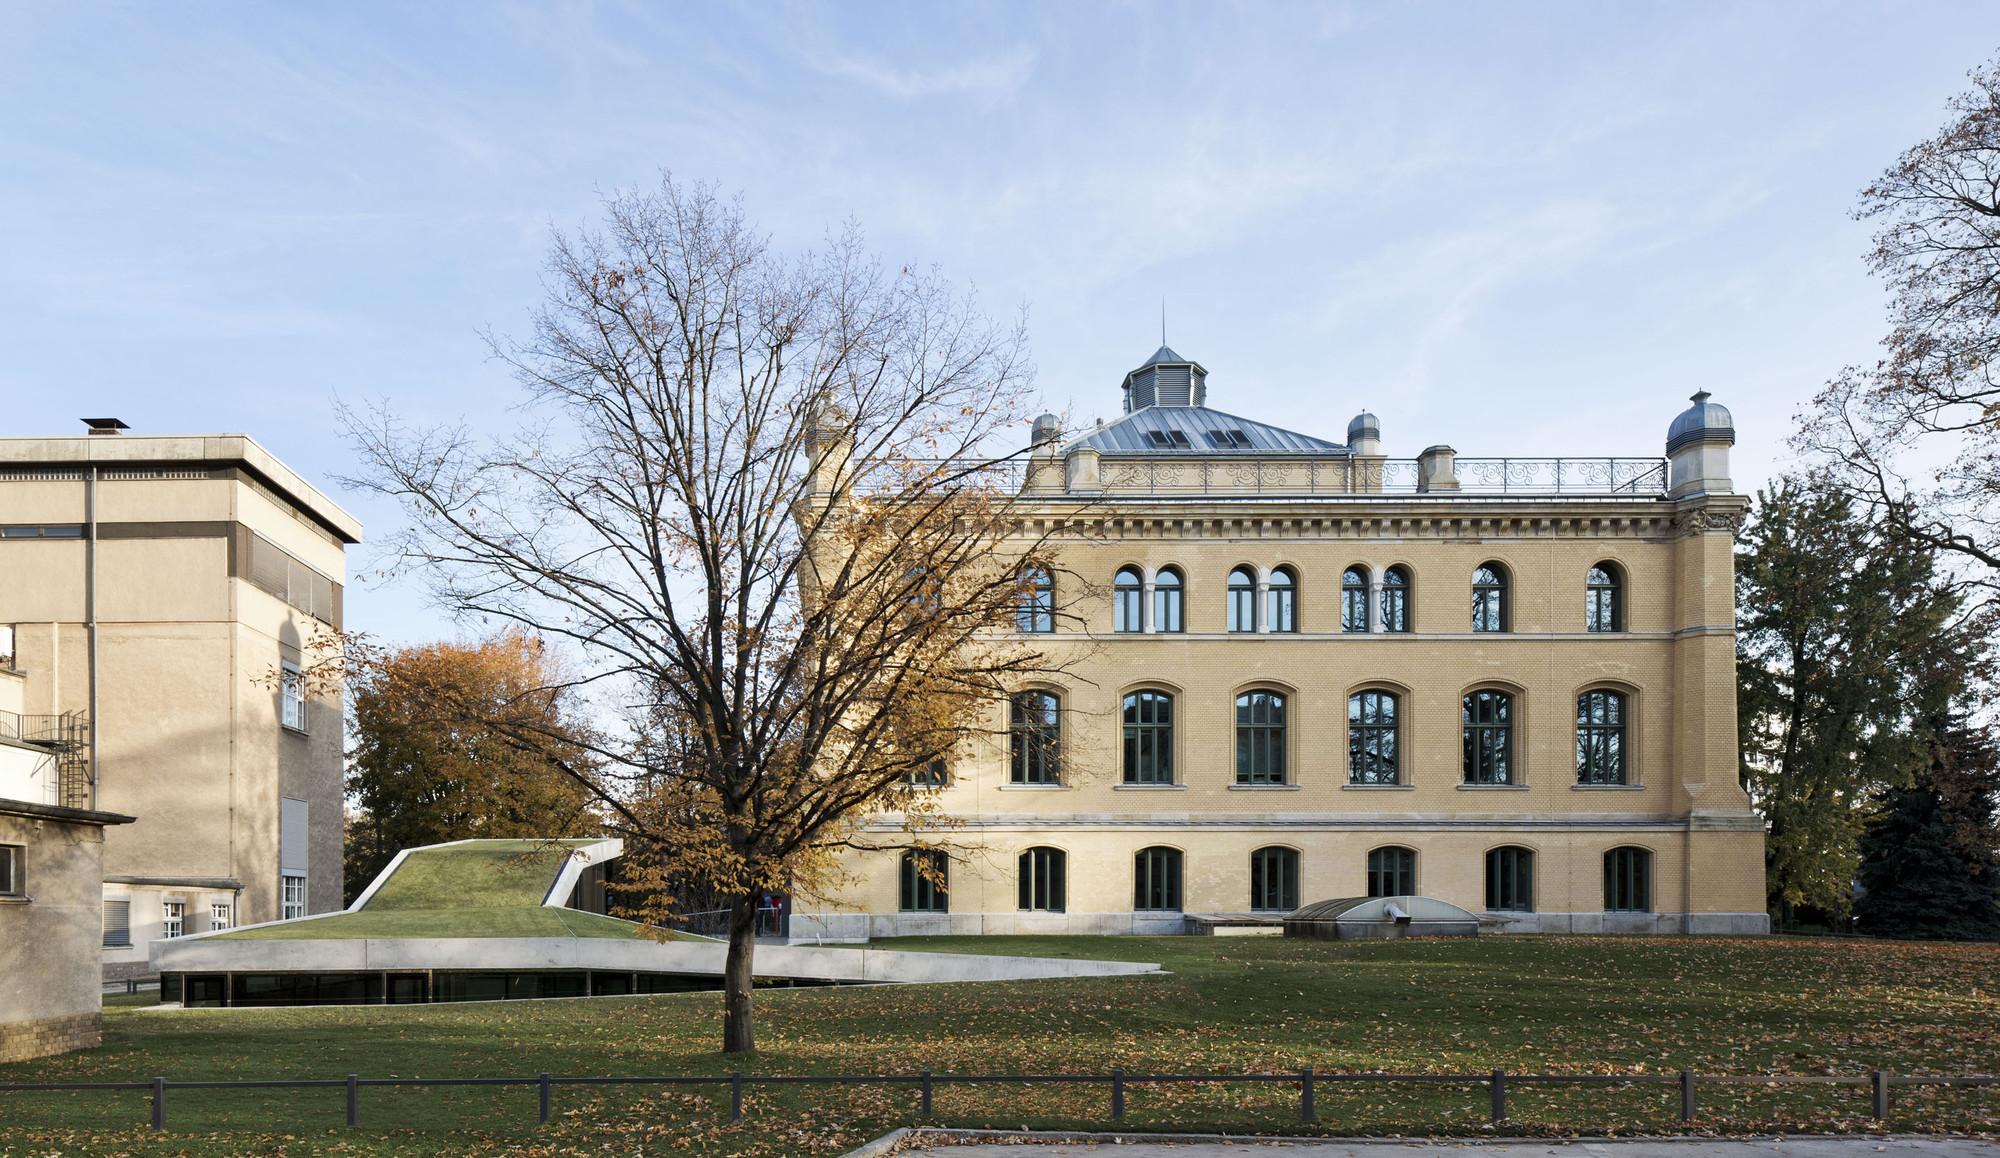 Physikalisch-Technische Bundesanstalt / Huber Staudt Architekten, © Werner Hutmacher